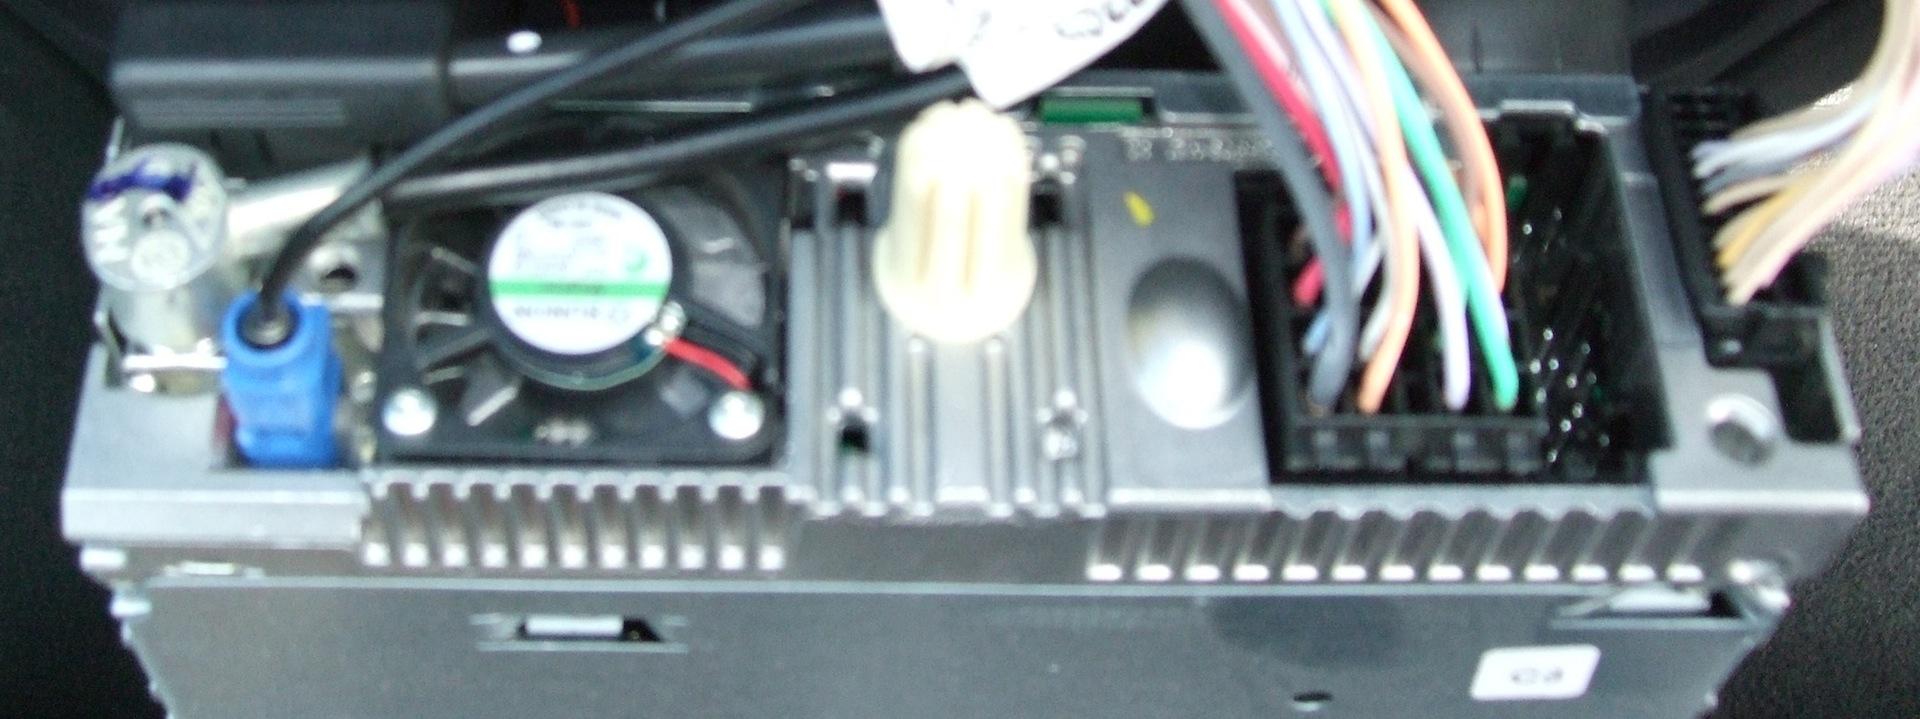 Renault Carminat Informee 2 - Opis kostek, mapy.